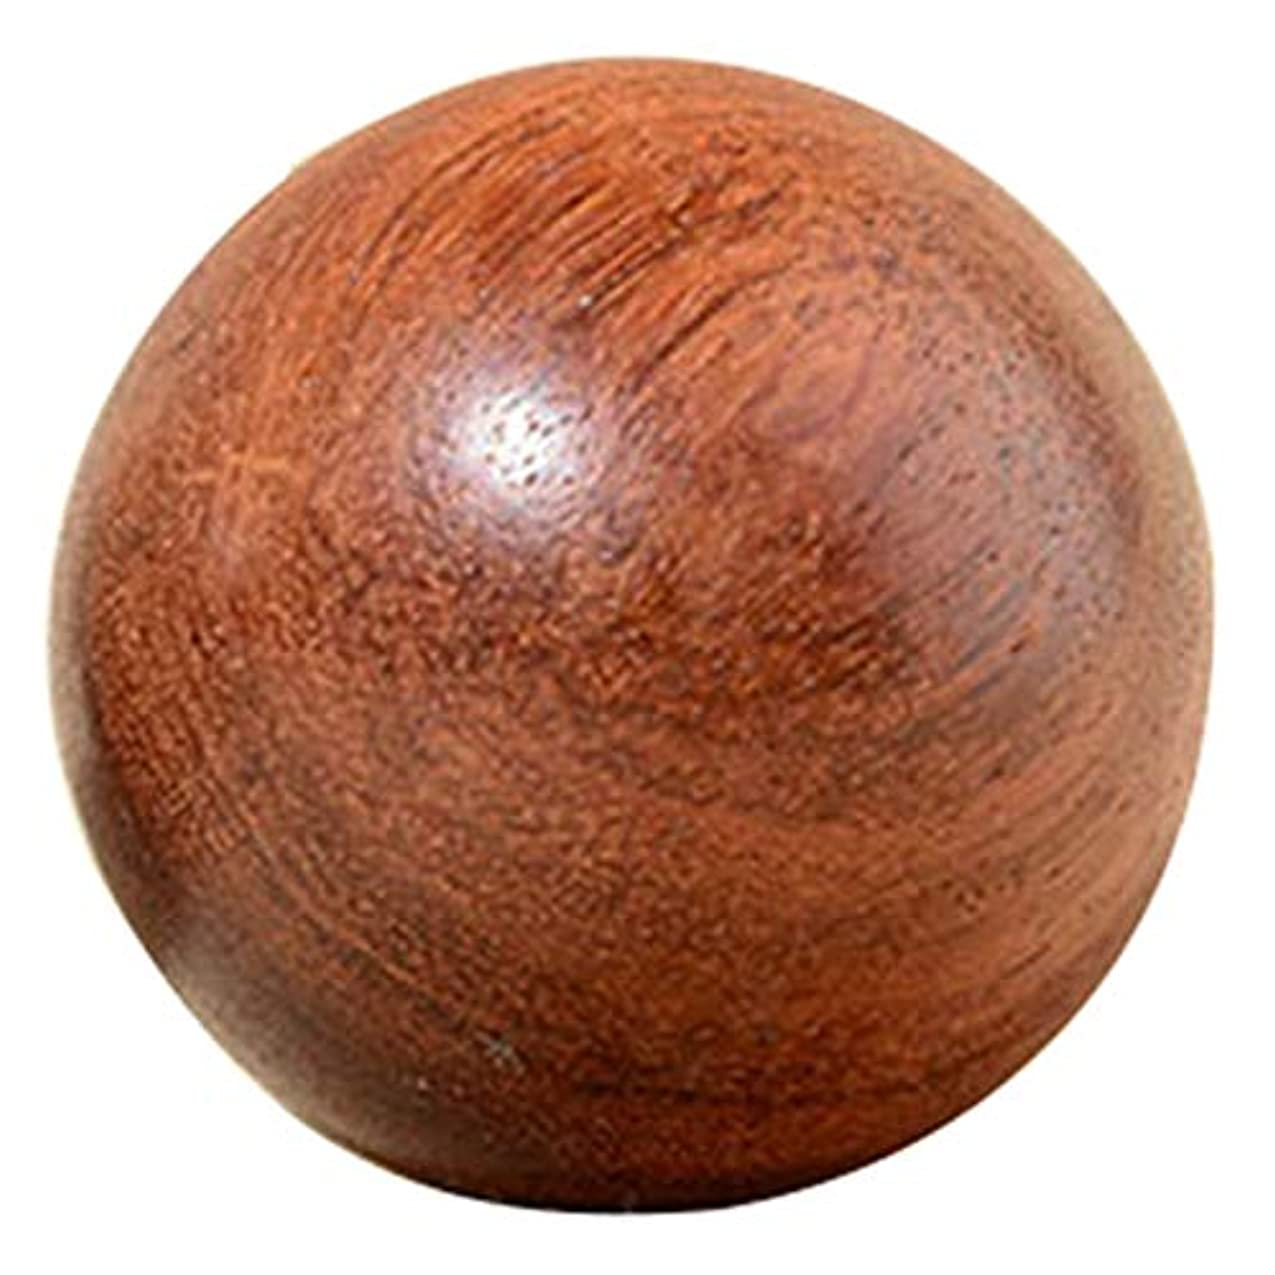 に対応伝記大宇宙ACAMPTAR 5Cm 木製圧力Baodingボール、健康運動用ハンドボール、指のマッサージ、中国健康瞑想リラクゼーション療法